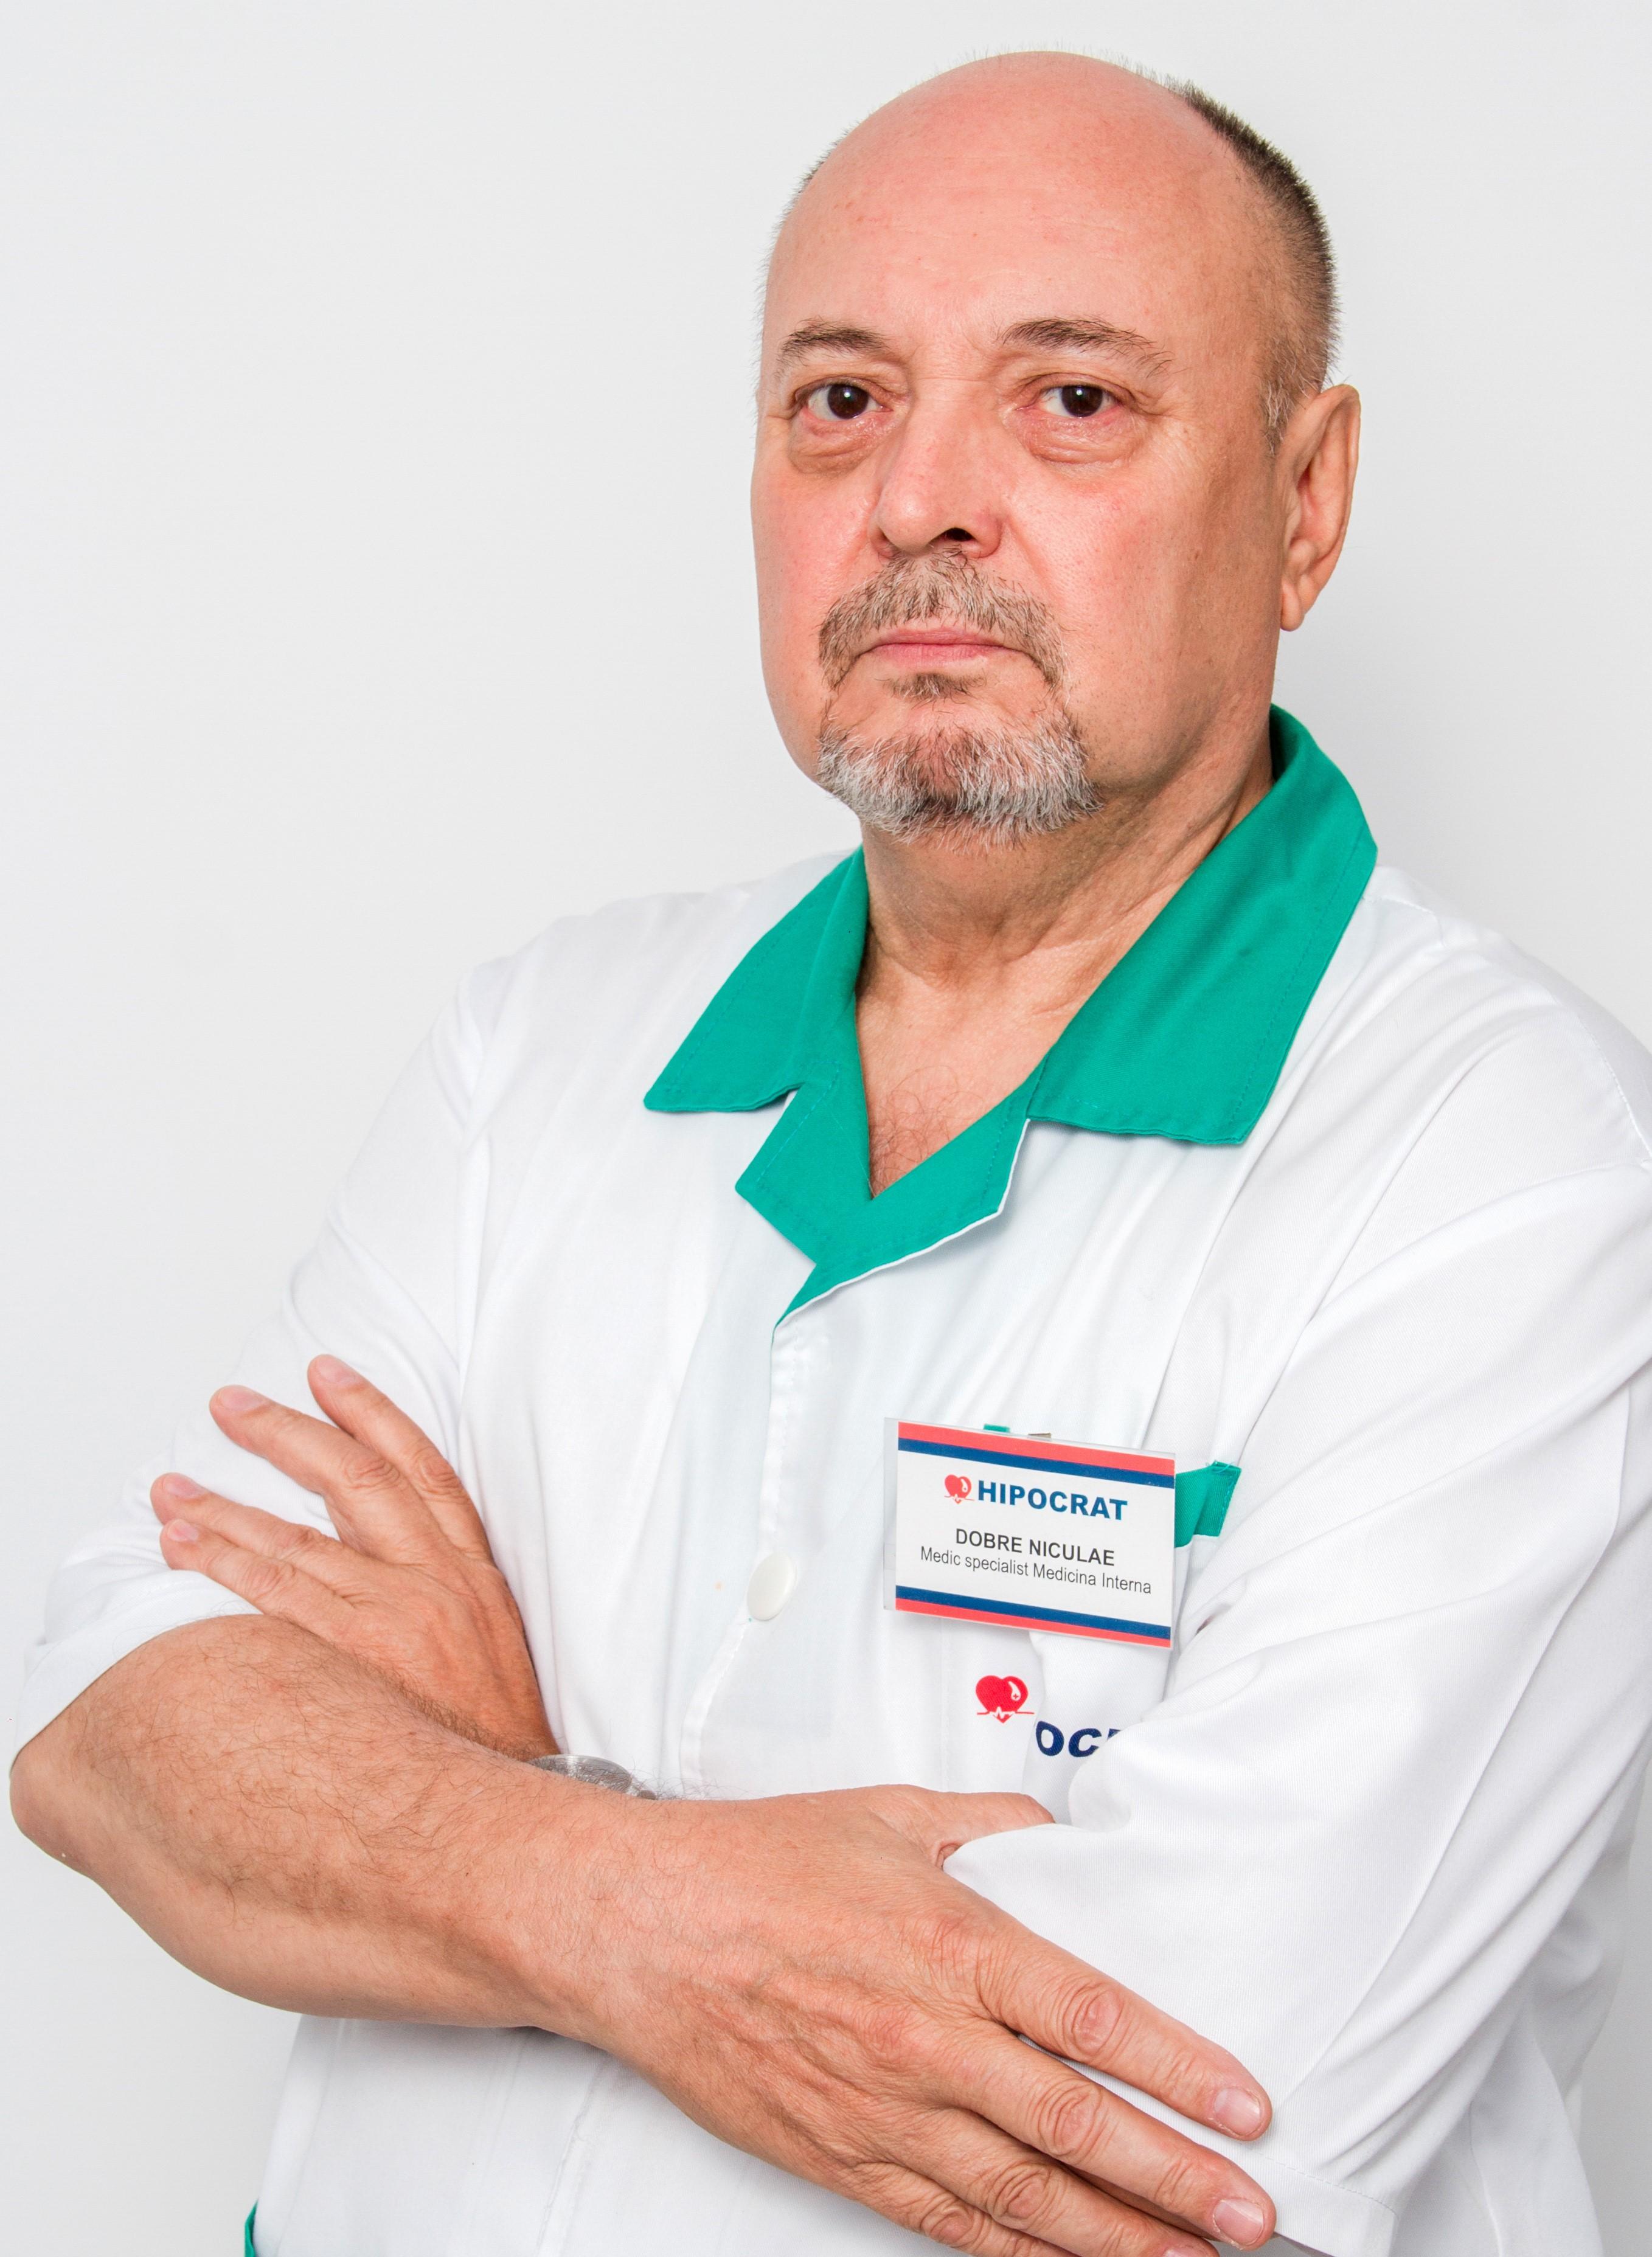 Dr. Niculae Dobre